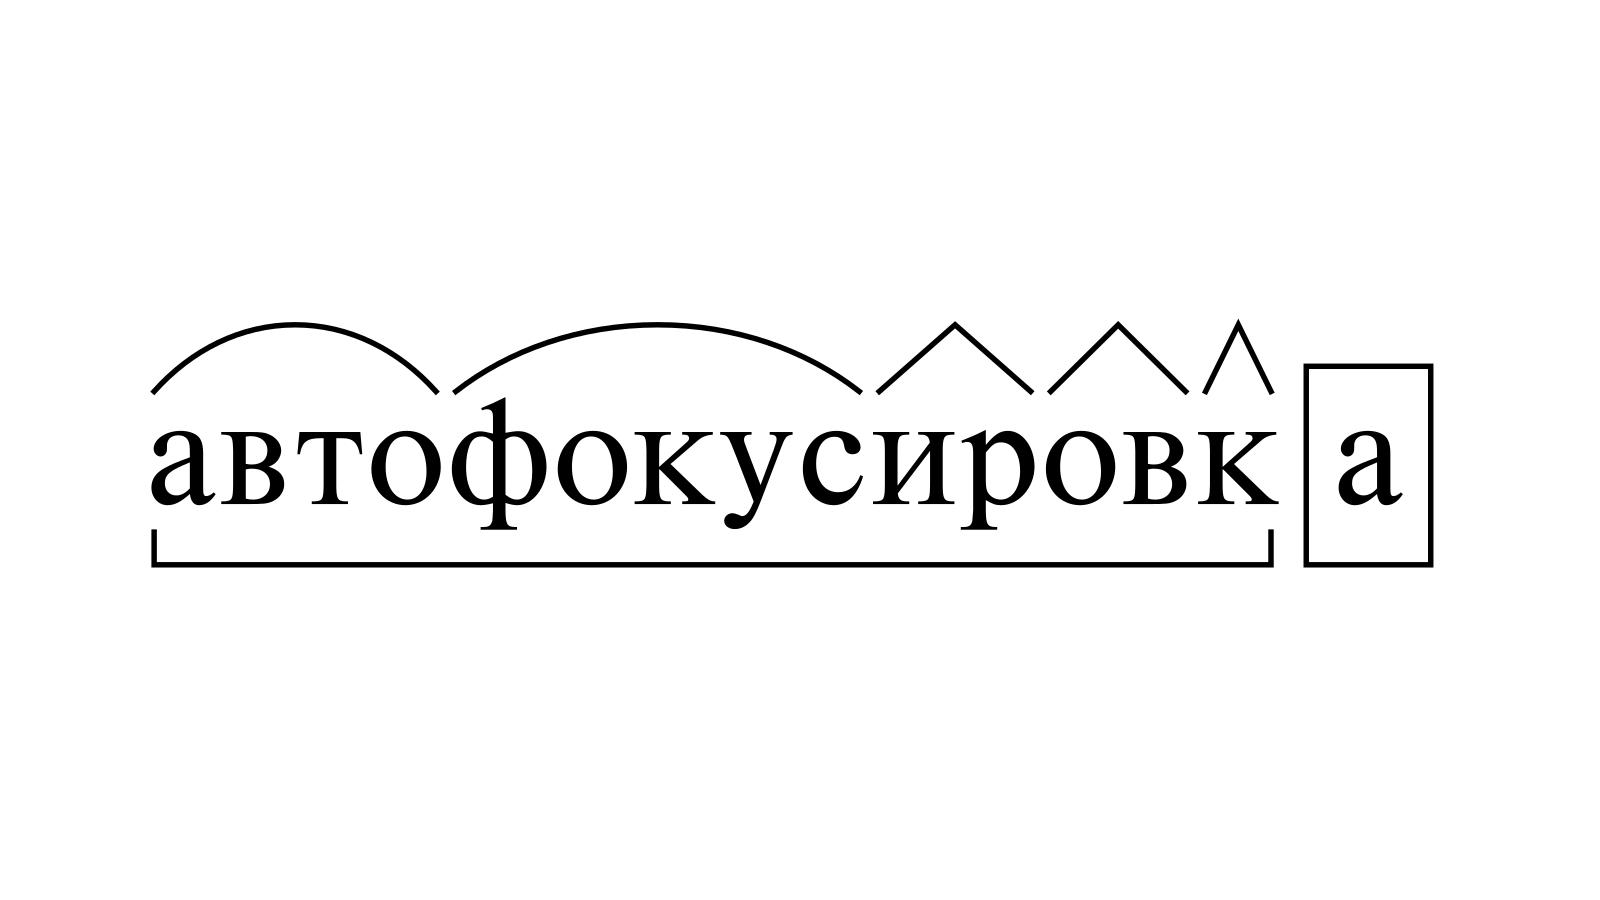 Разбор слова «автофокусировка» по составу